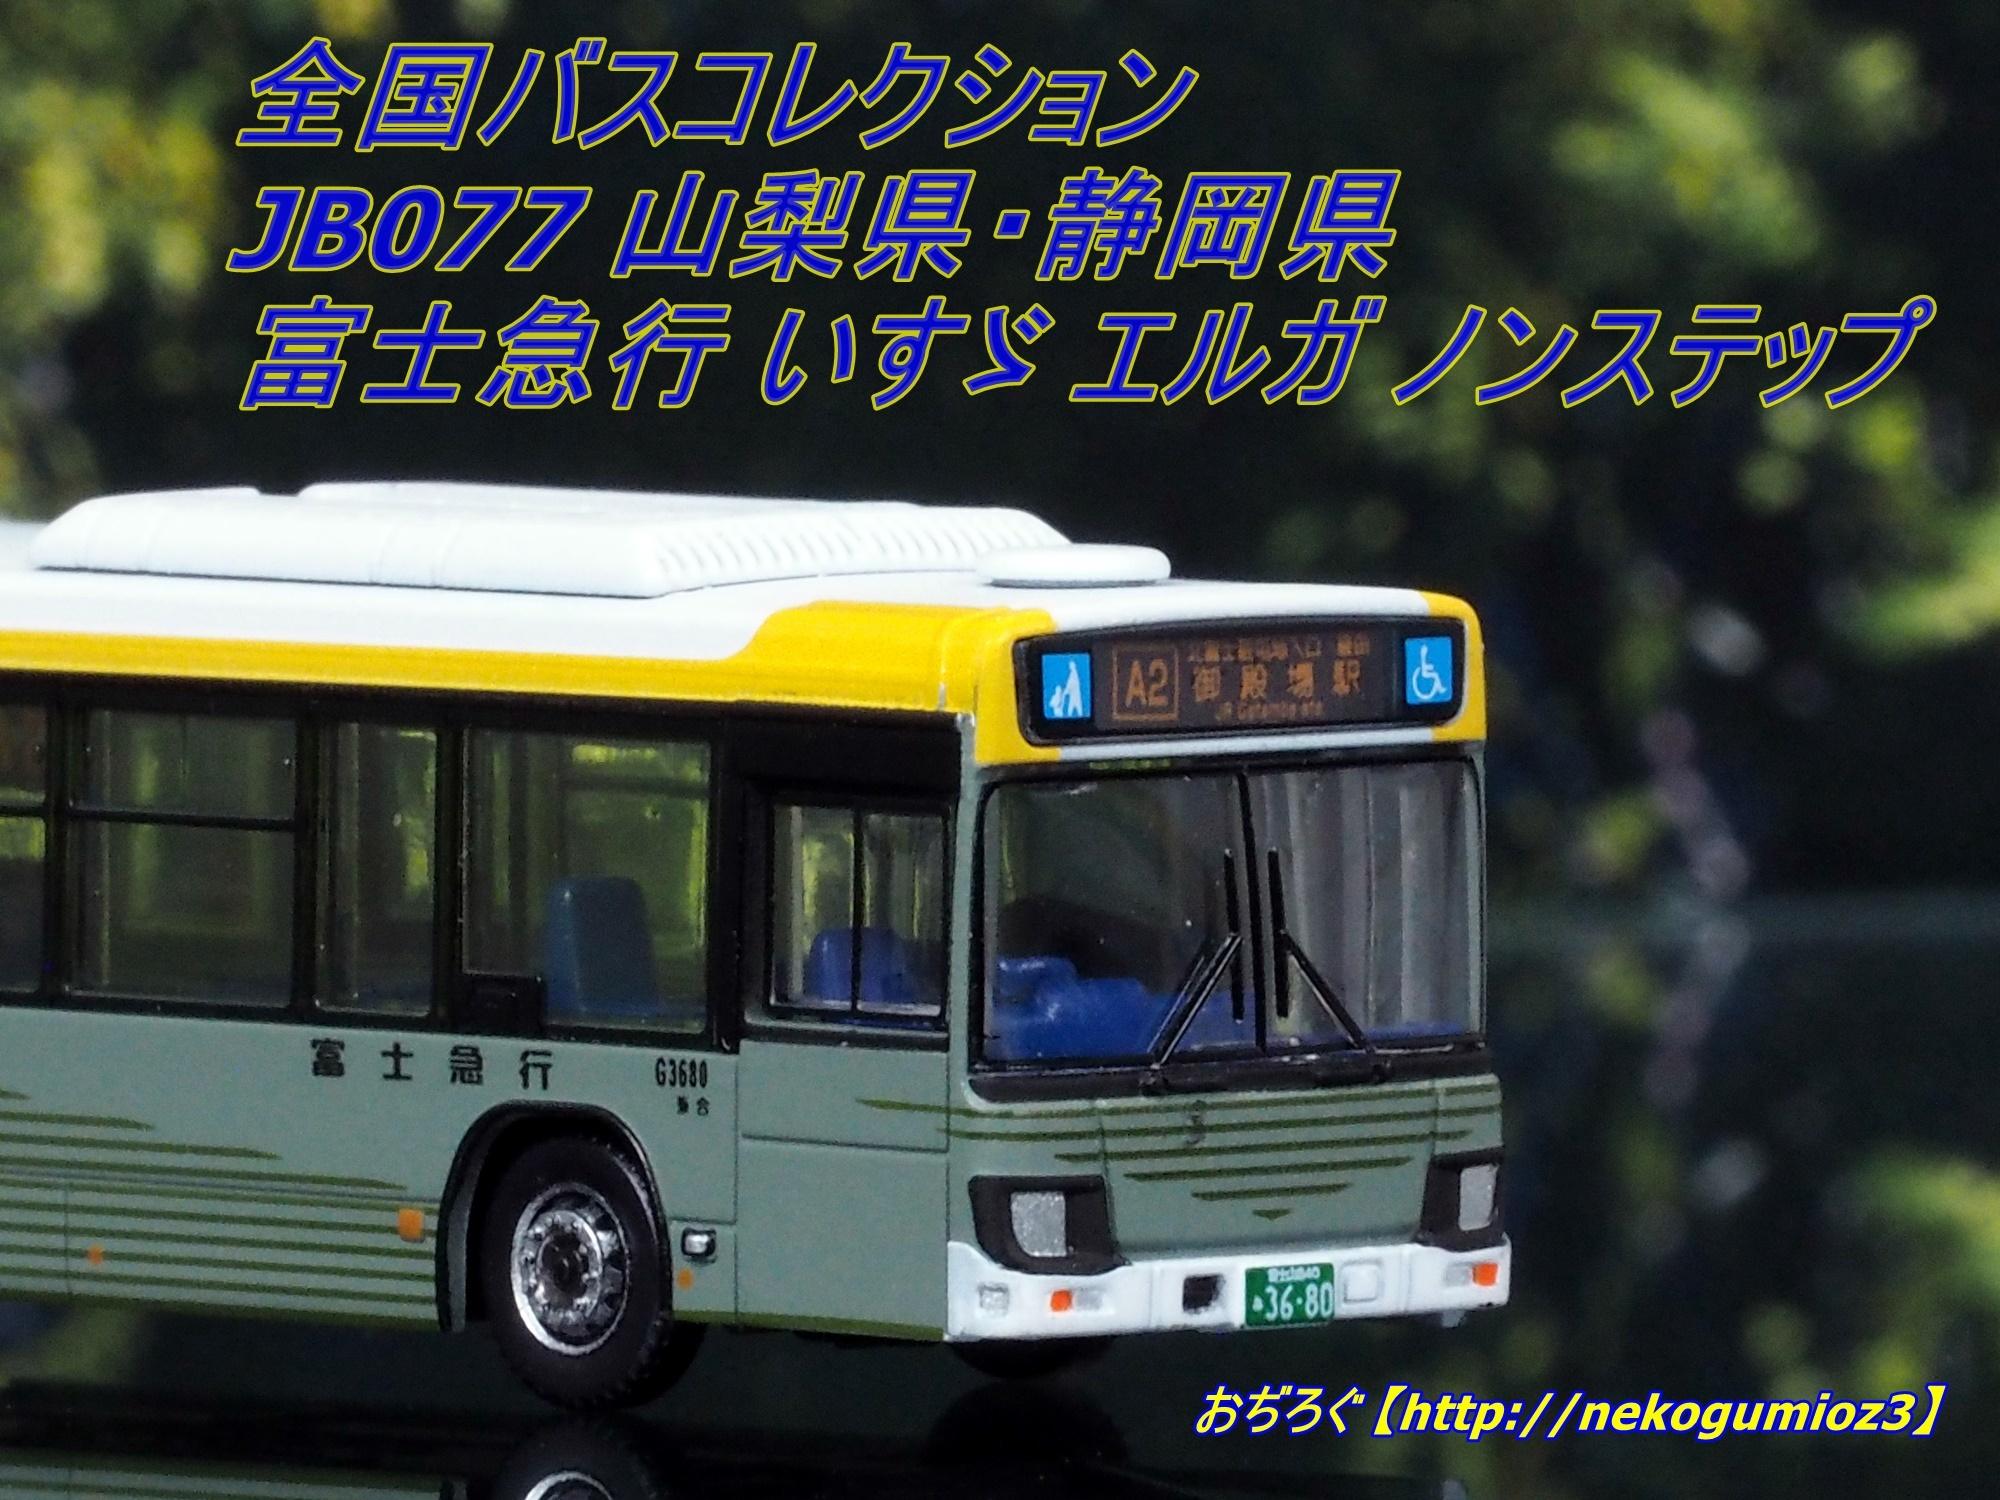 200525174.jpg